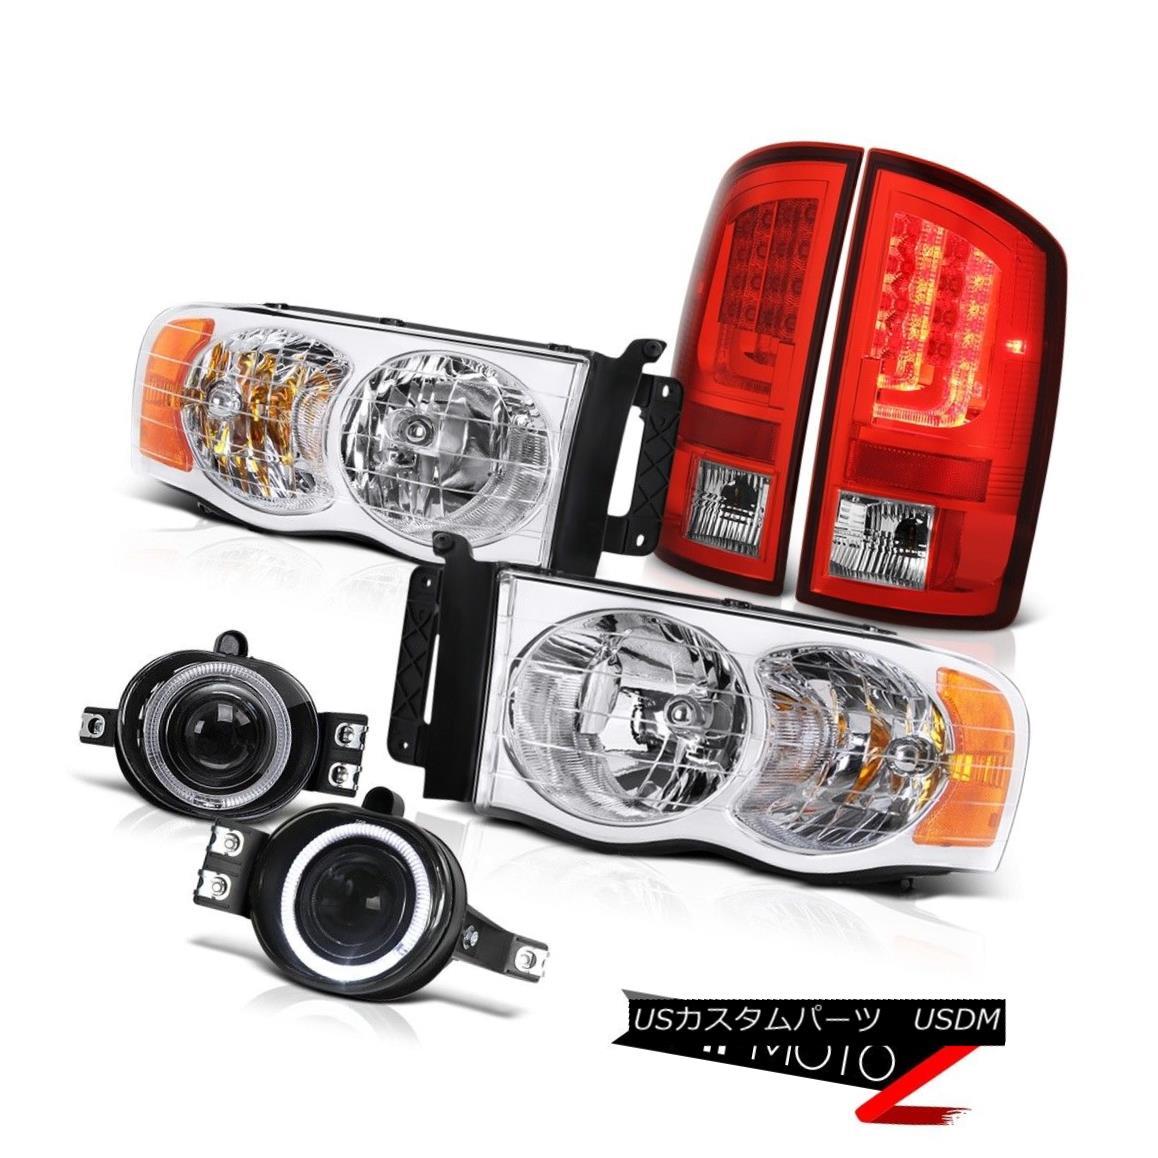 テールライト 2002-2005 Dodge Ram 1500 ST Wine Red Tail Brake Lights Headlamps Fog Replacement 2002-2005ダッジラム1500 STワインレッドテールブレーキライトヘッドランプフォグ交換